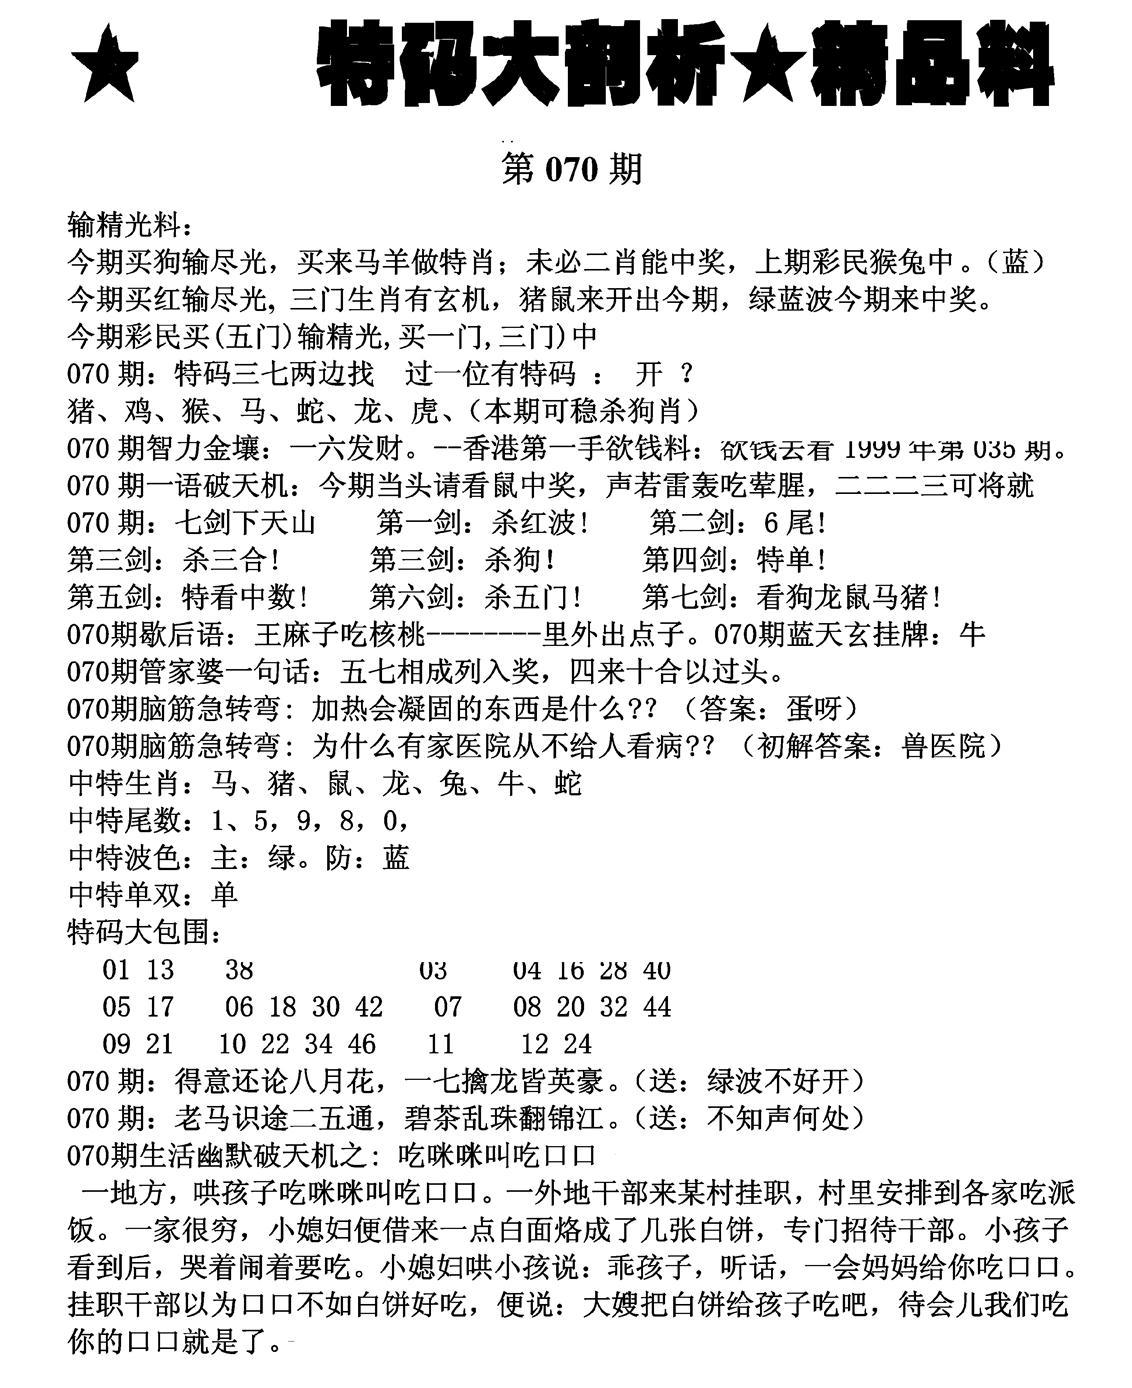 070期特码大剖析(黑白)